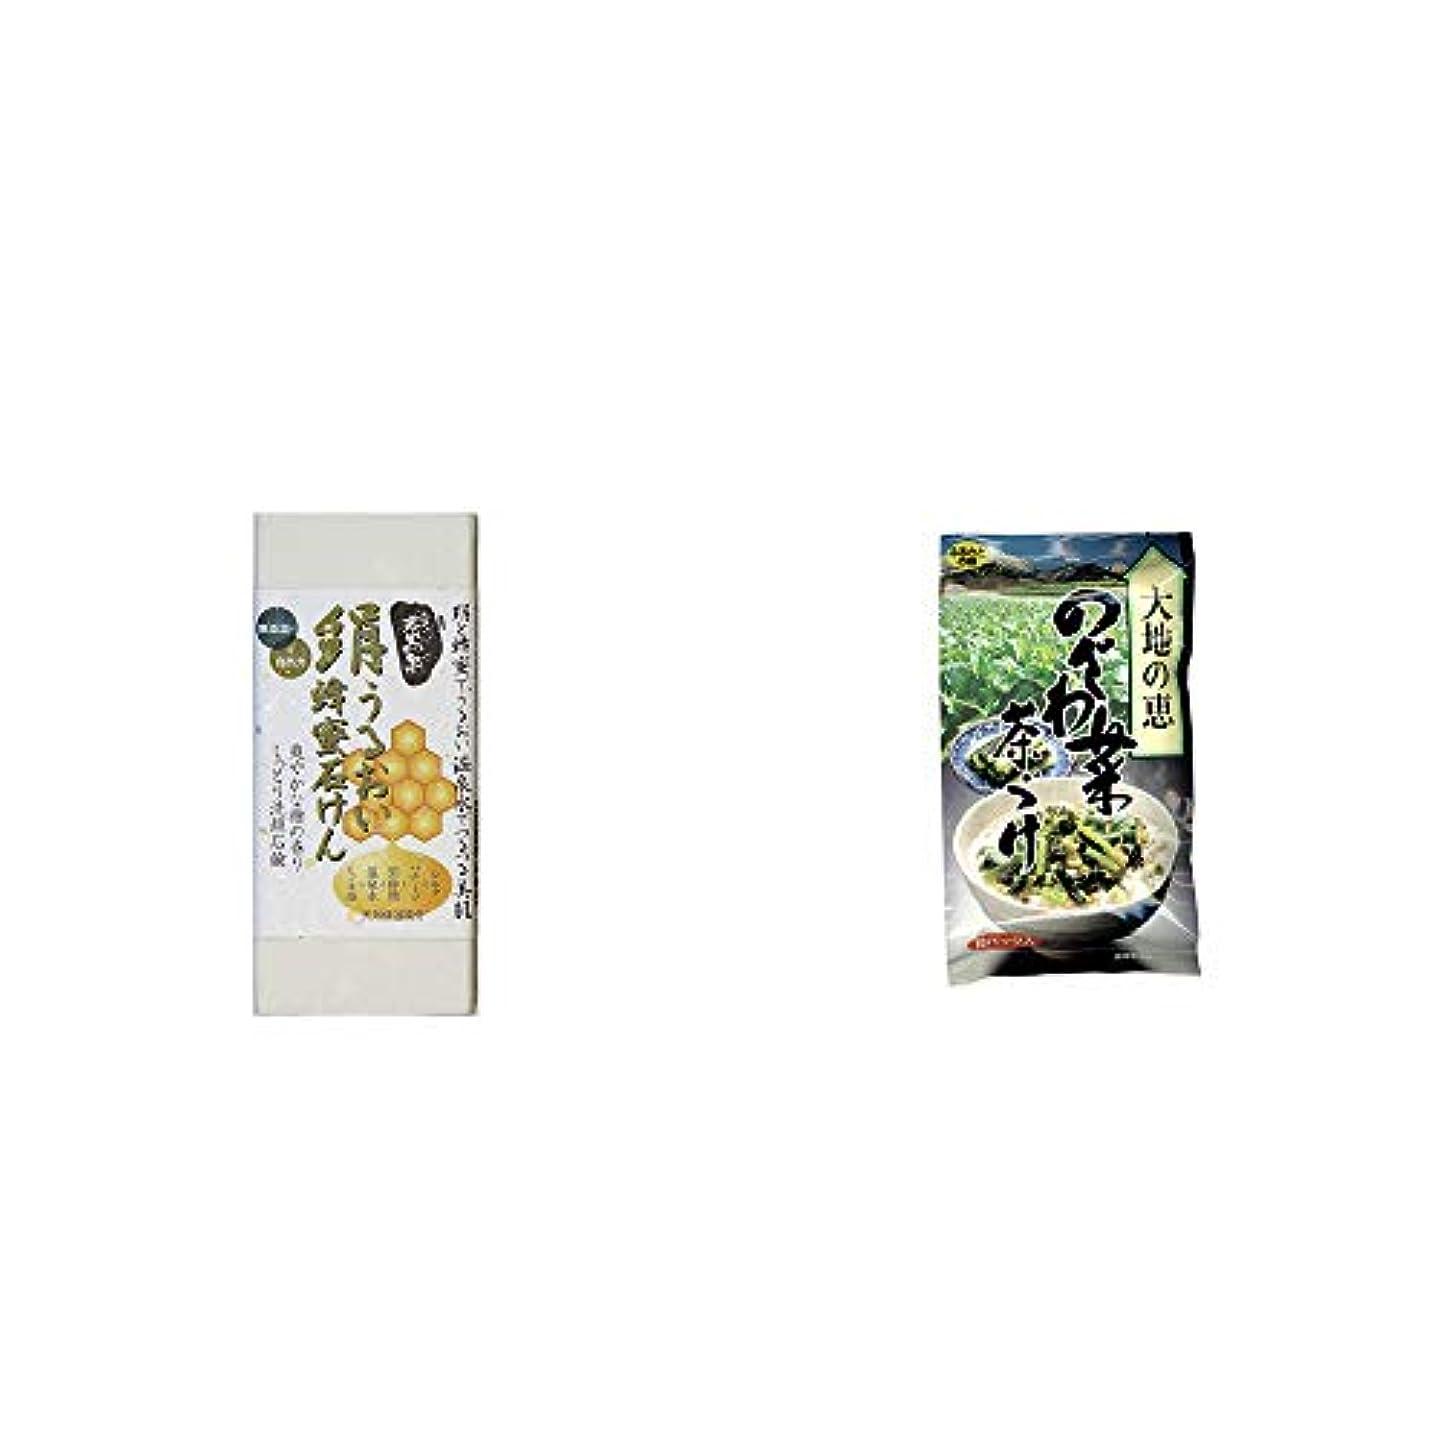 同行読書征服[2点セット] ひのき炭黒泉 絹うるおい蜂蜜石けん(75g×2)?特選茶漬け 大地の恵 のざわ菜茶づけ(10袋入)